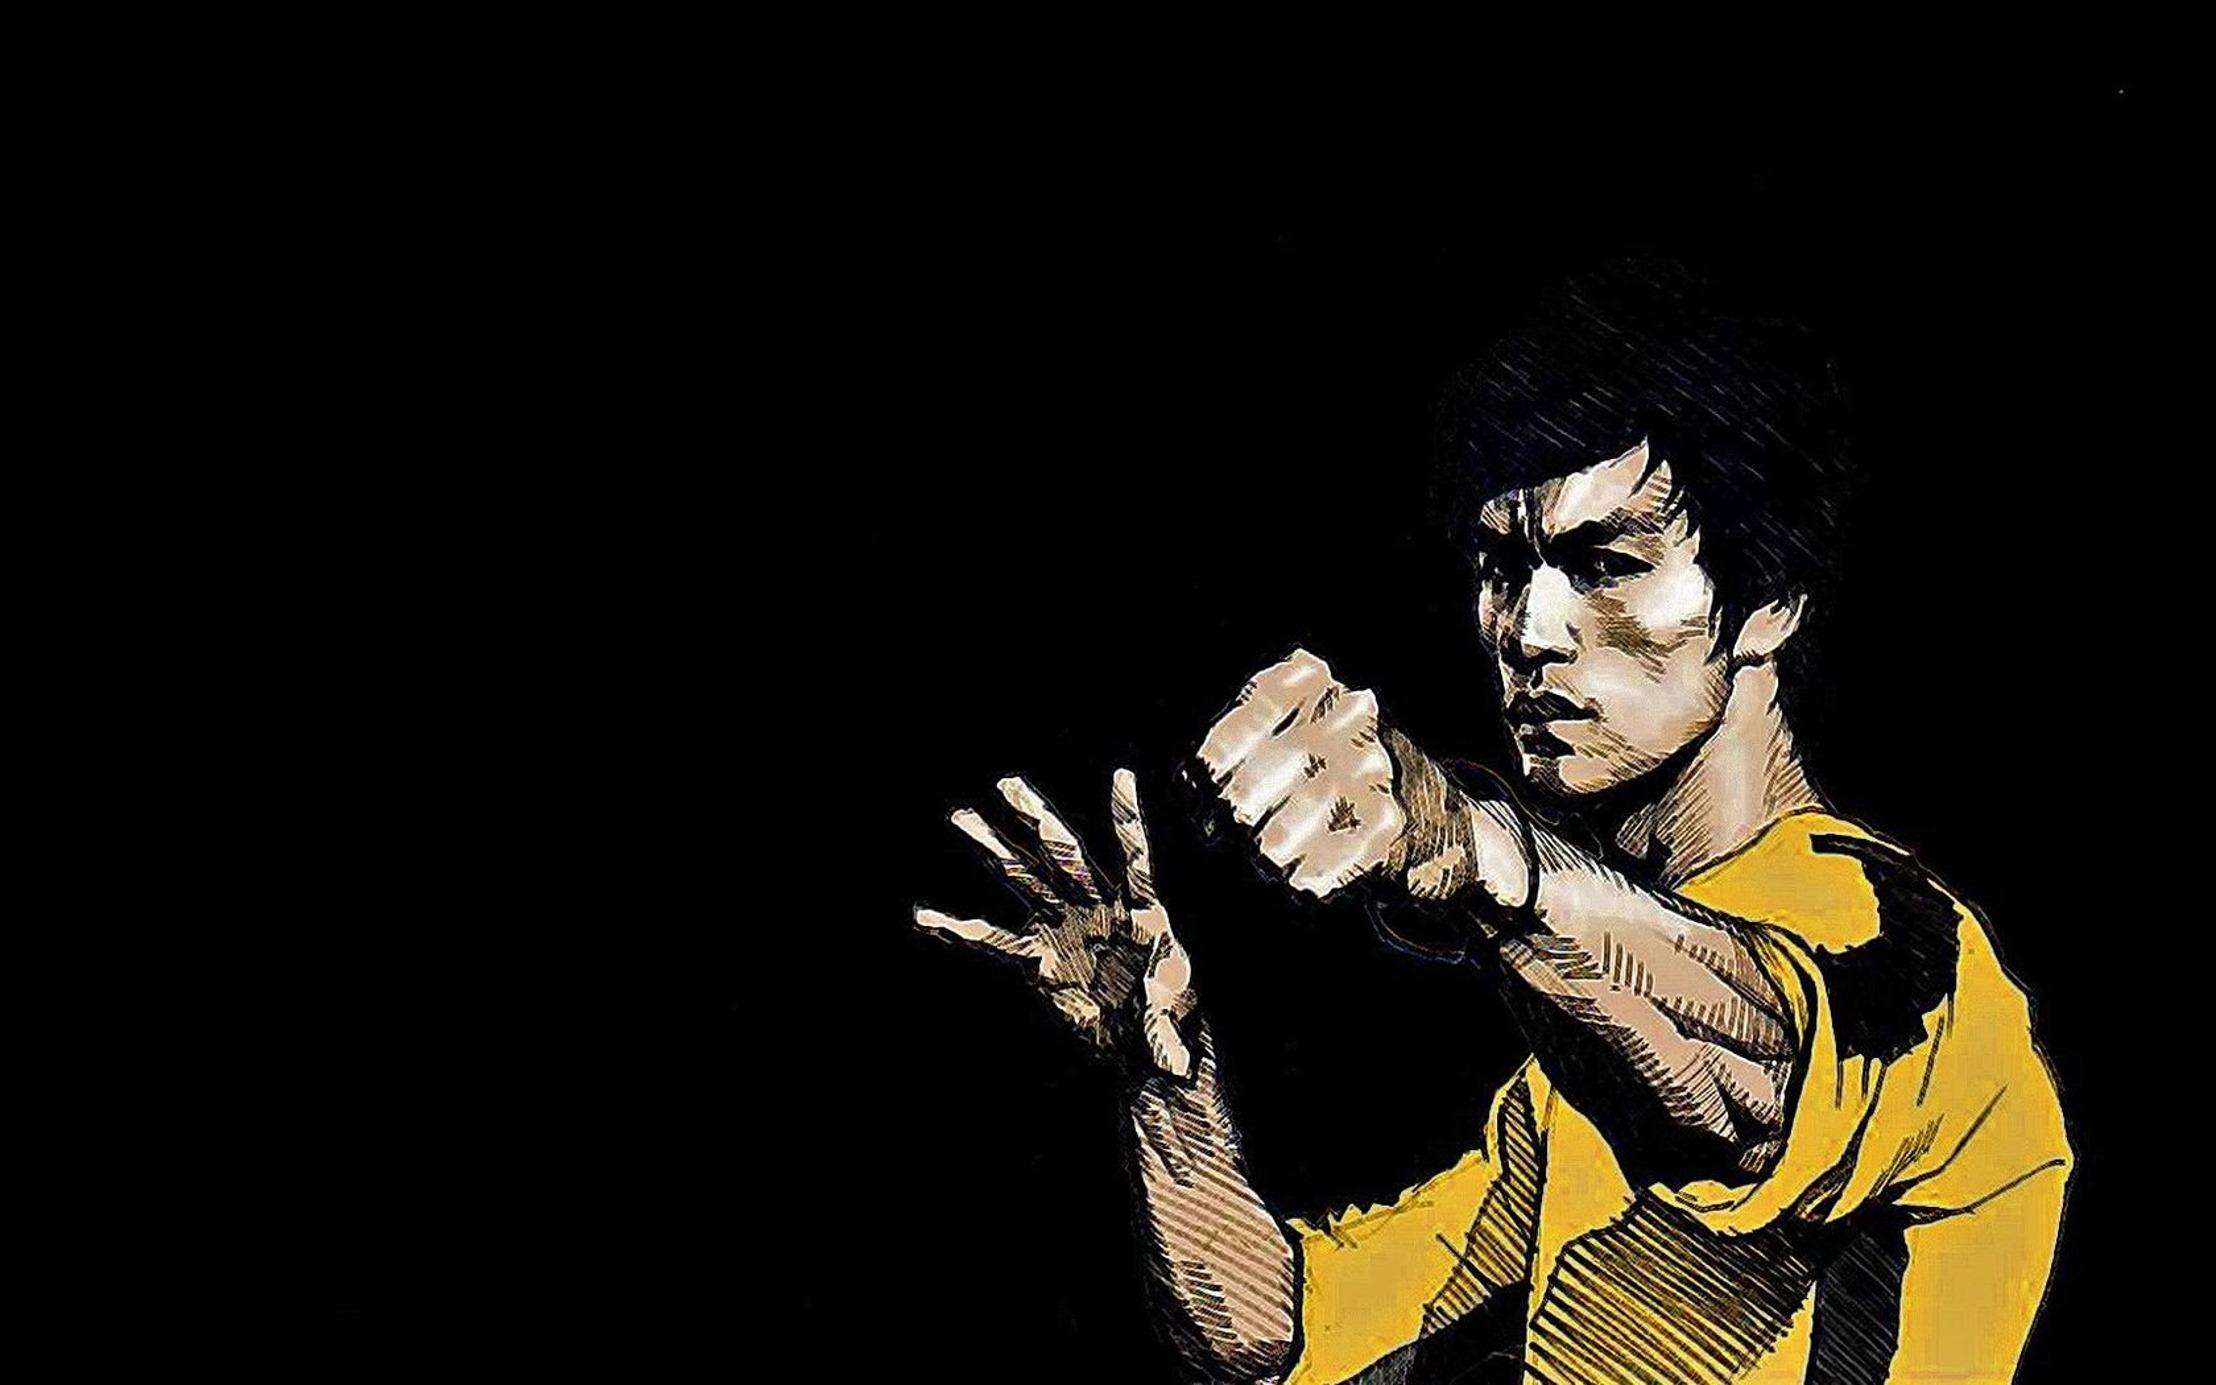 La historia de la Bruceploitation, 48 años después de la muerte de Bruce Lee